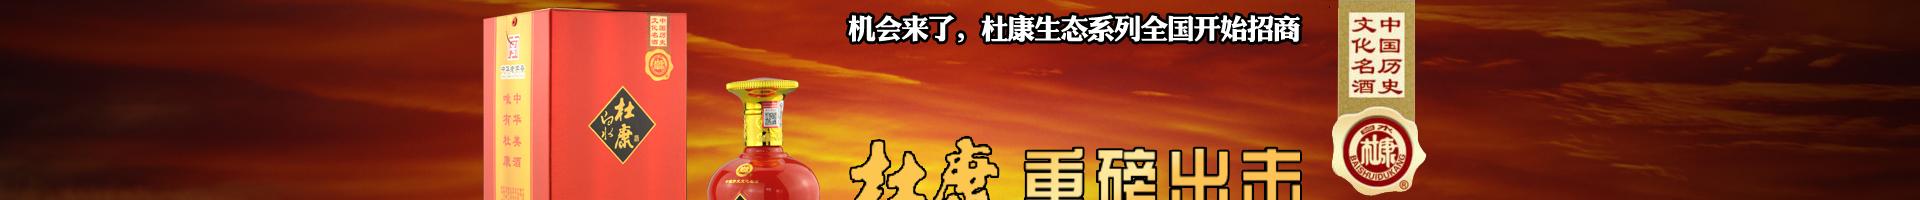 陕西白水杜康生态系列产品运营中心